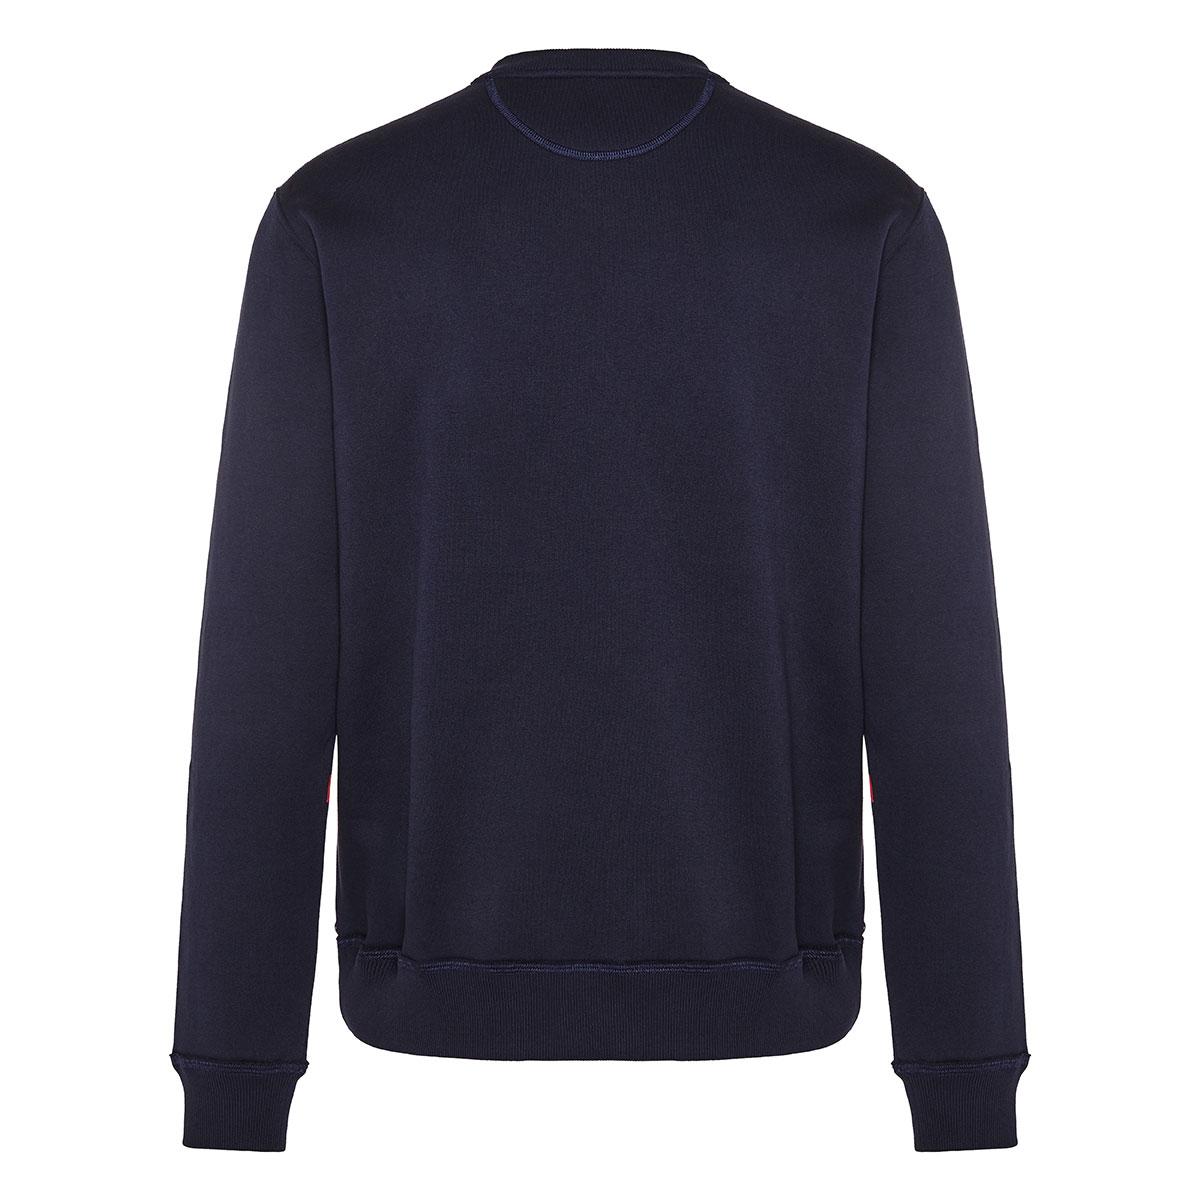 VLogo sweatshirt